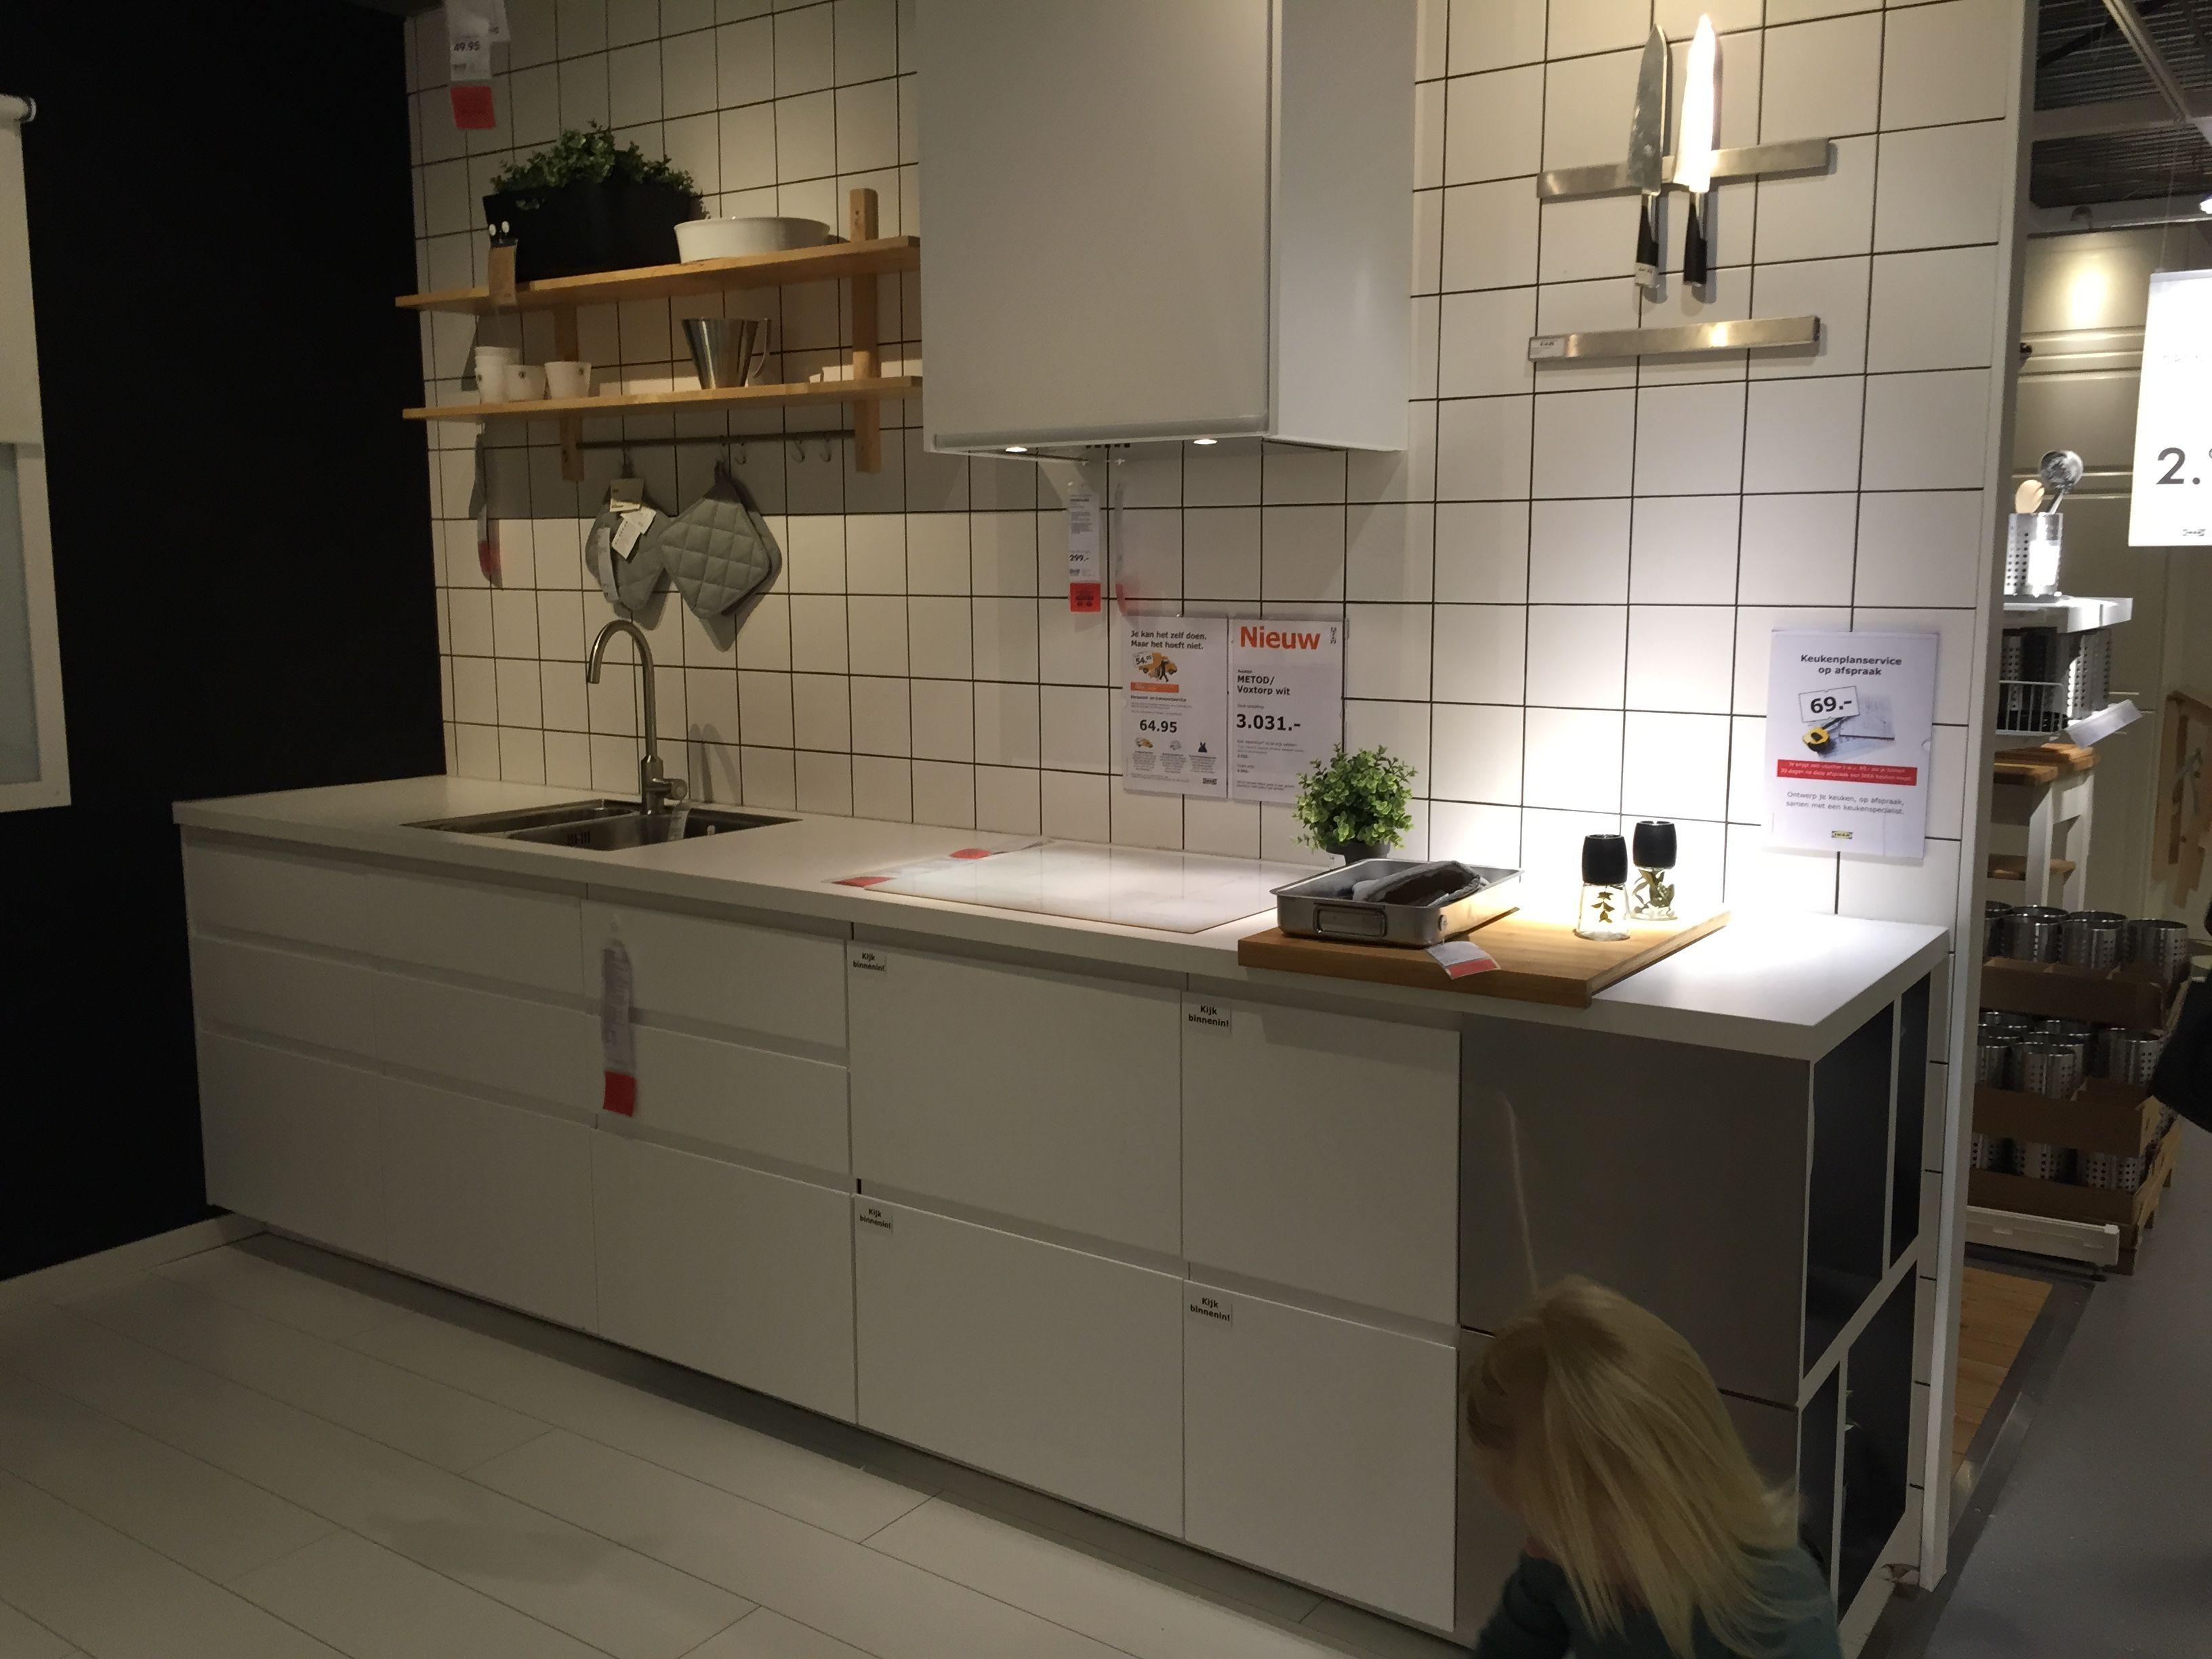 Ikea Kuche Mint Ein Neues Kuchenregal Und Das Drama Um Die